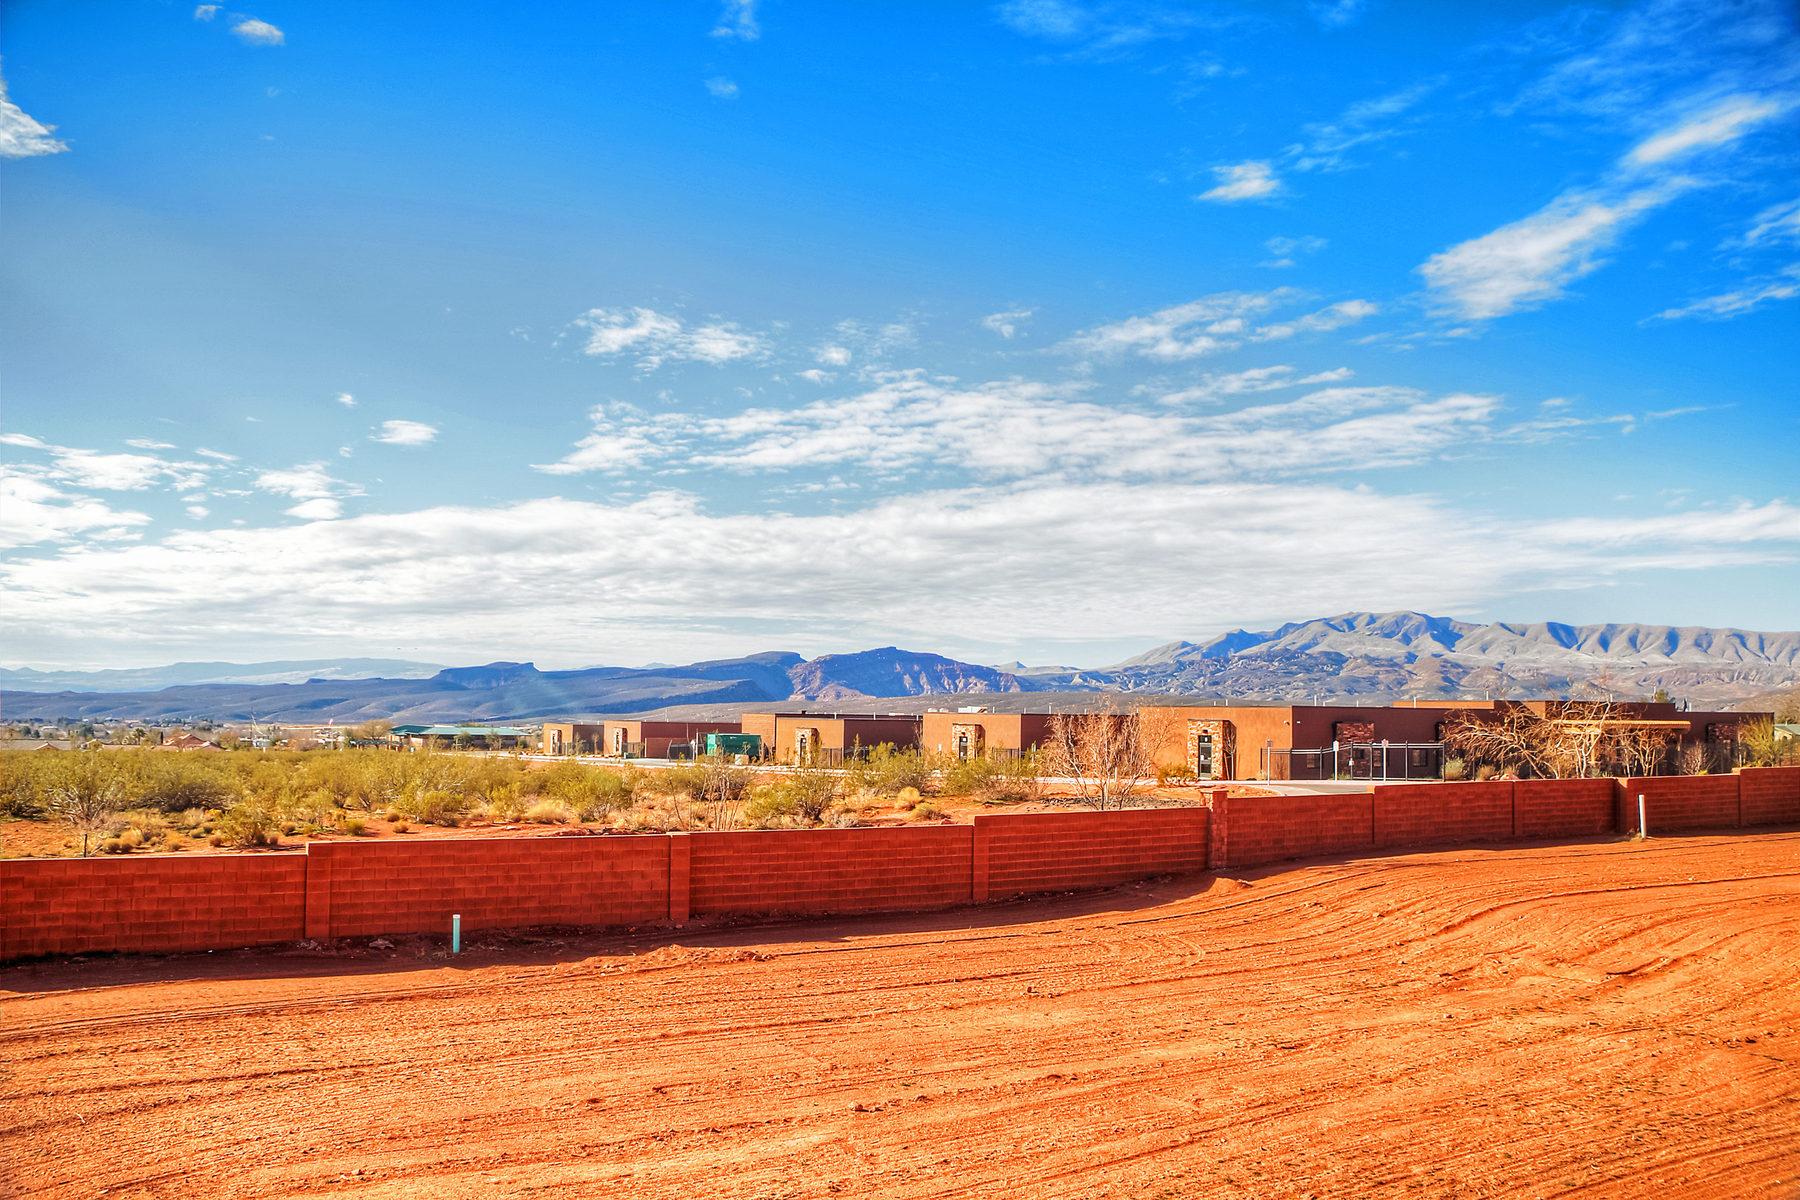 Terreno por un Venta en Red Mountain Estate View lot Lot 1 Red Mountain Estates Ivins, Utah 84738 Estados Unidos